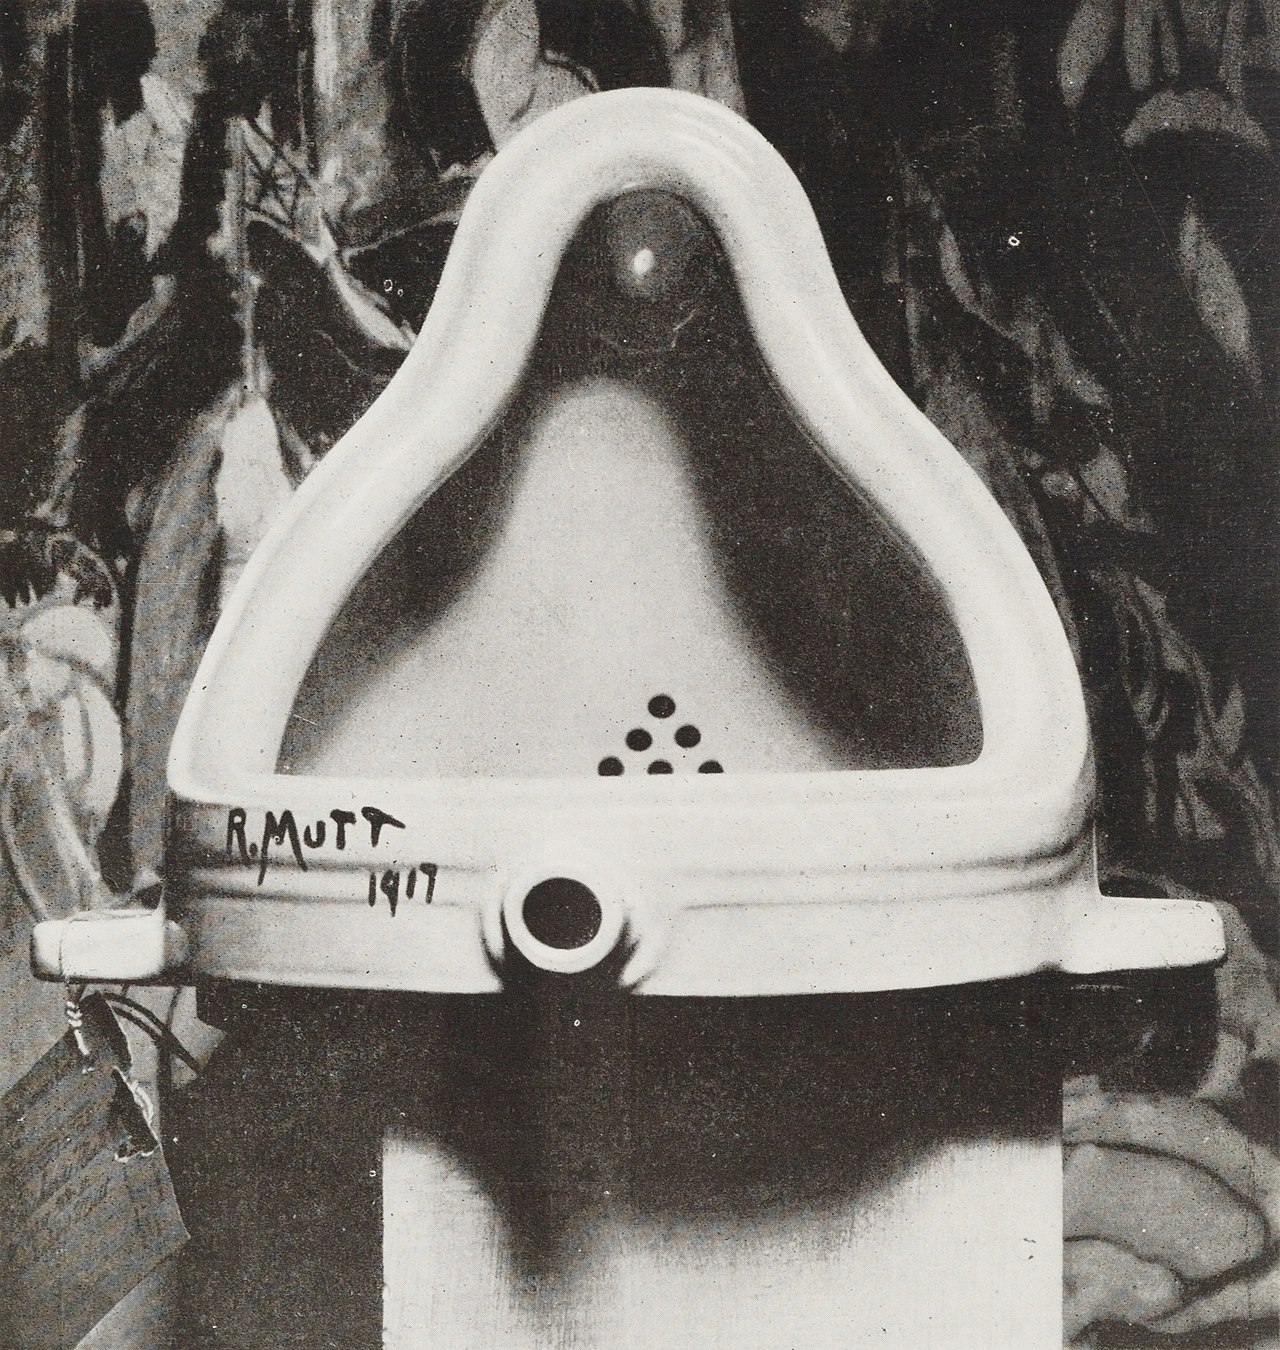 Marcel Duchamp 's  Fountain  1917. Photograph by Alfred Stieglitz. (Public Domain)